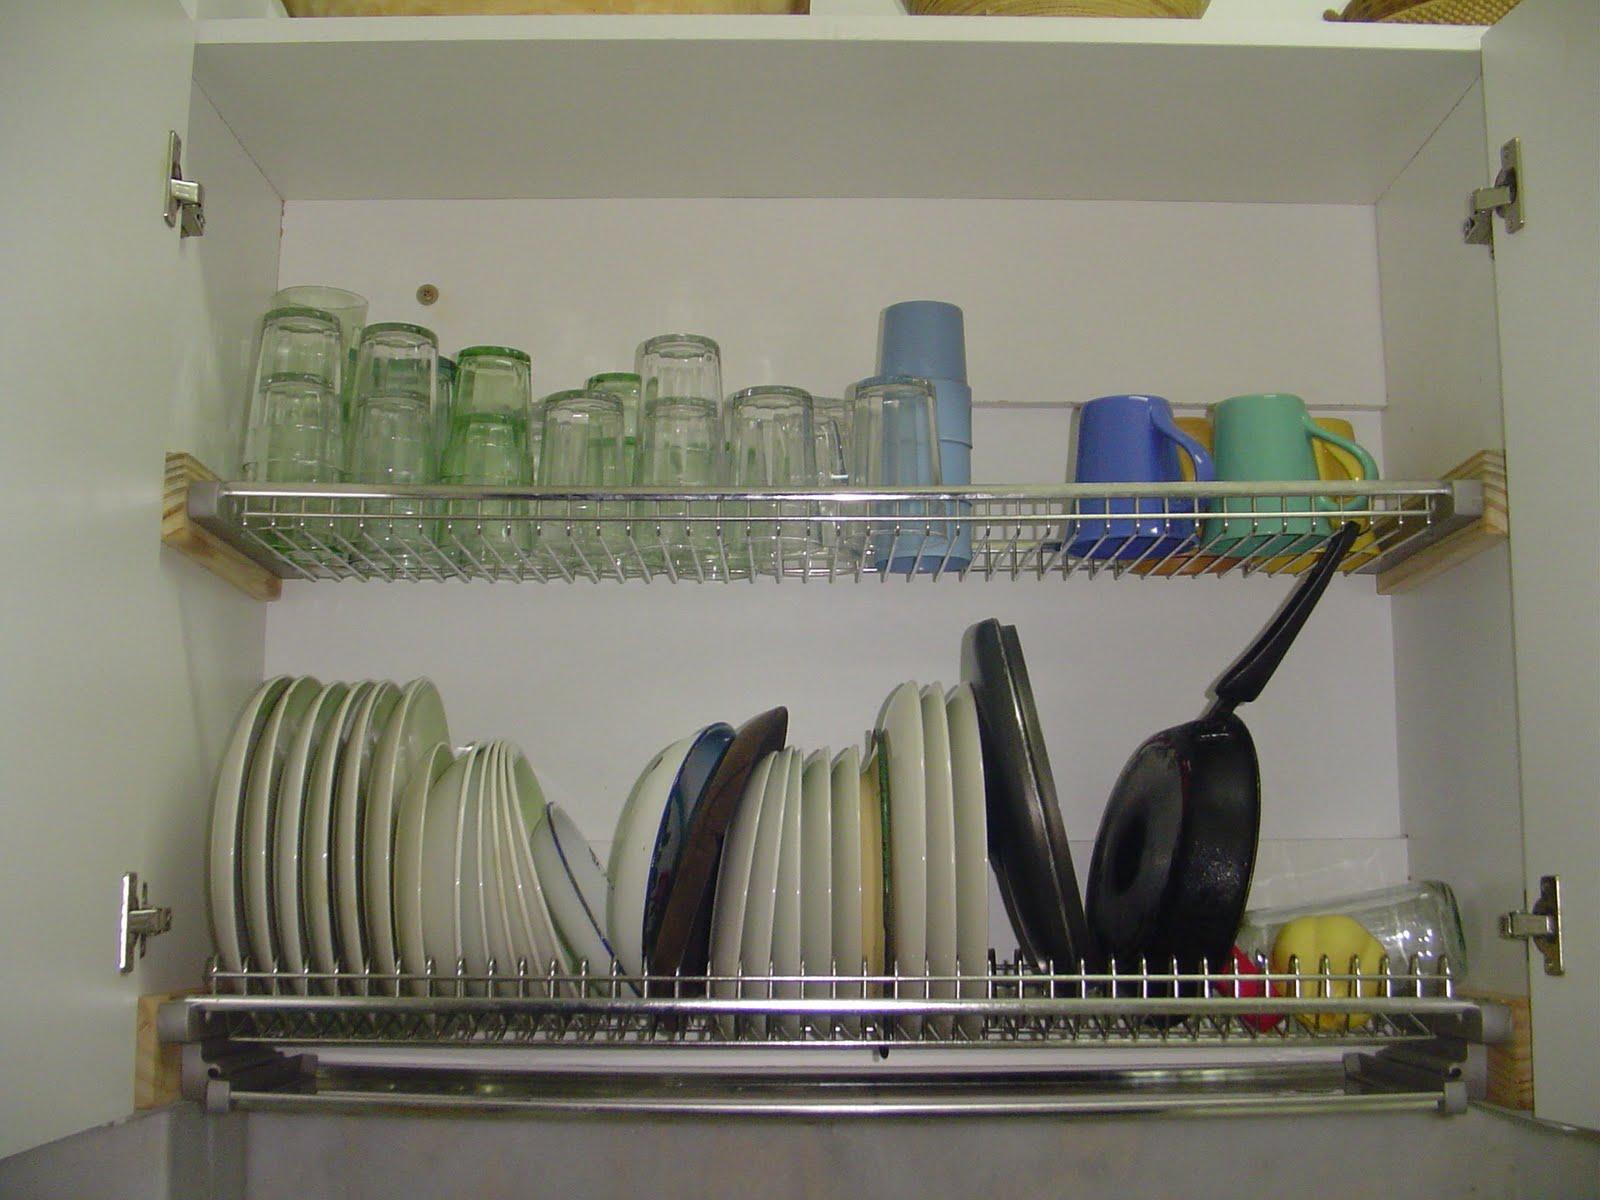 Tapa carpintero muebles de cocina for Muebles de cocina para microondas